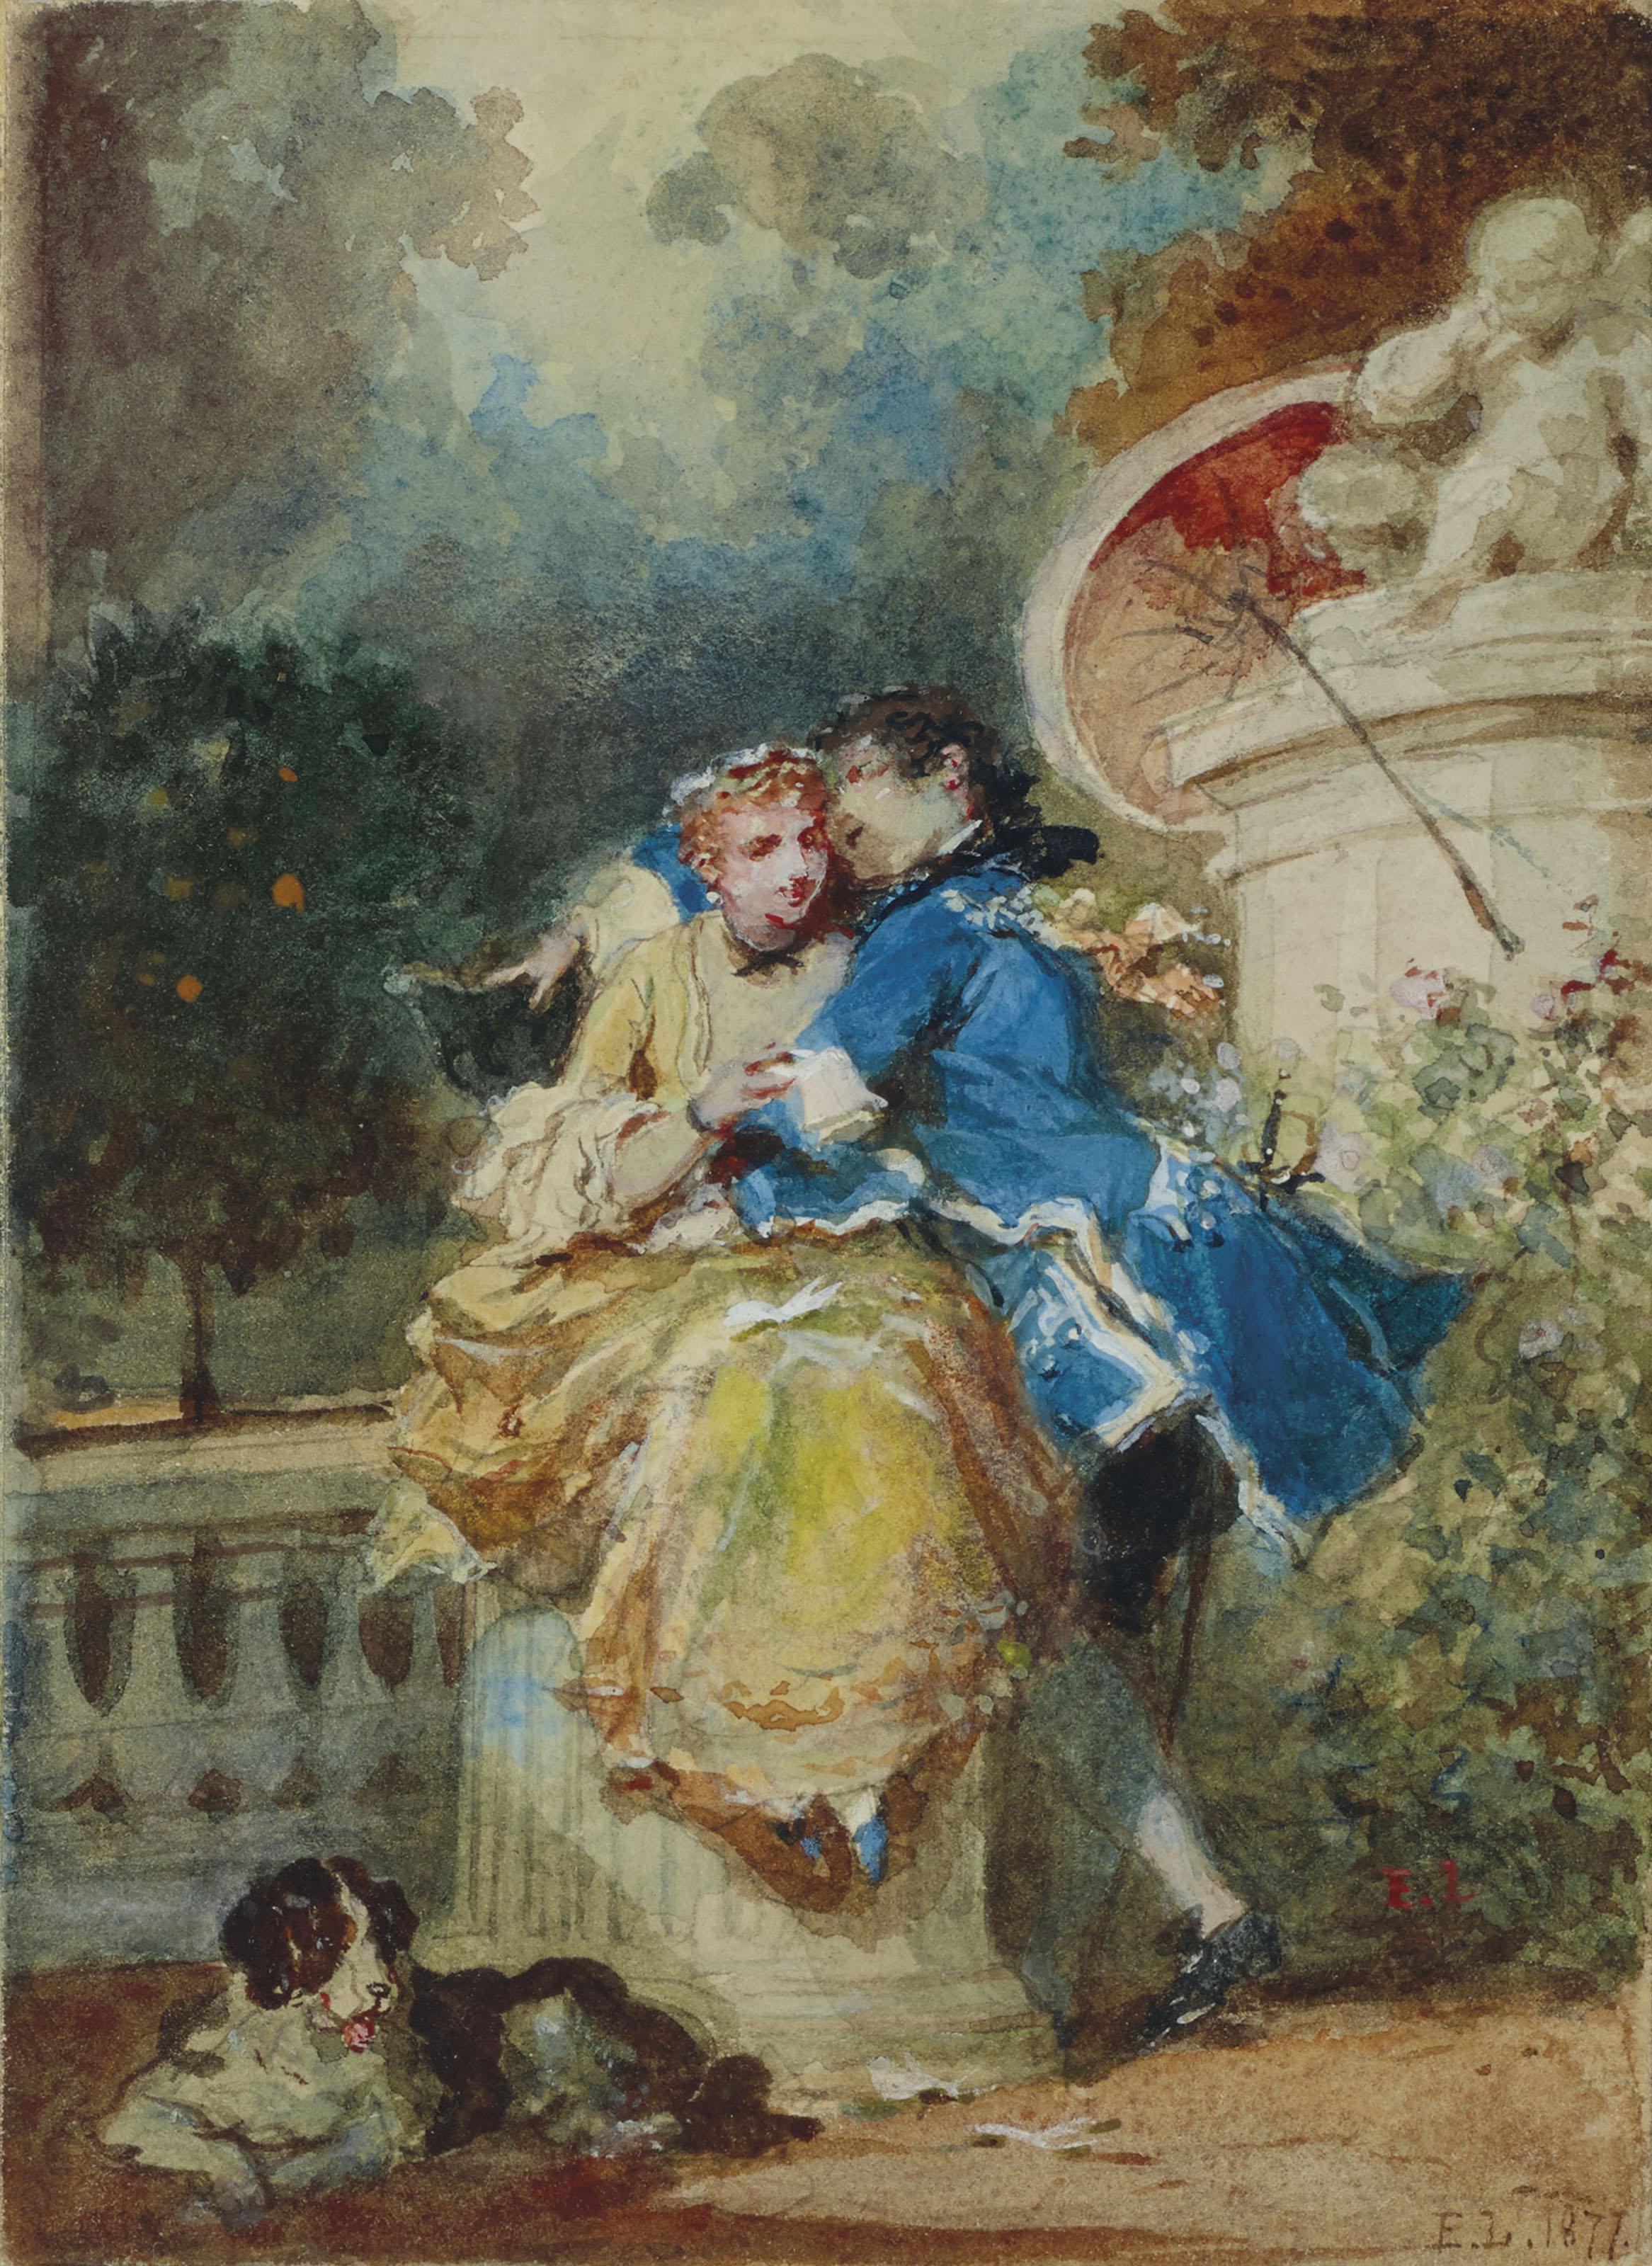 EUGÈNE-LOUIS LAMI (PARIS 1800-